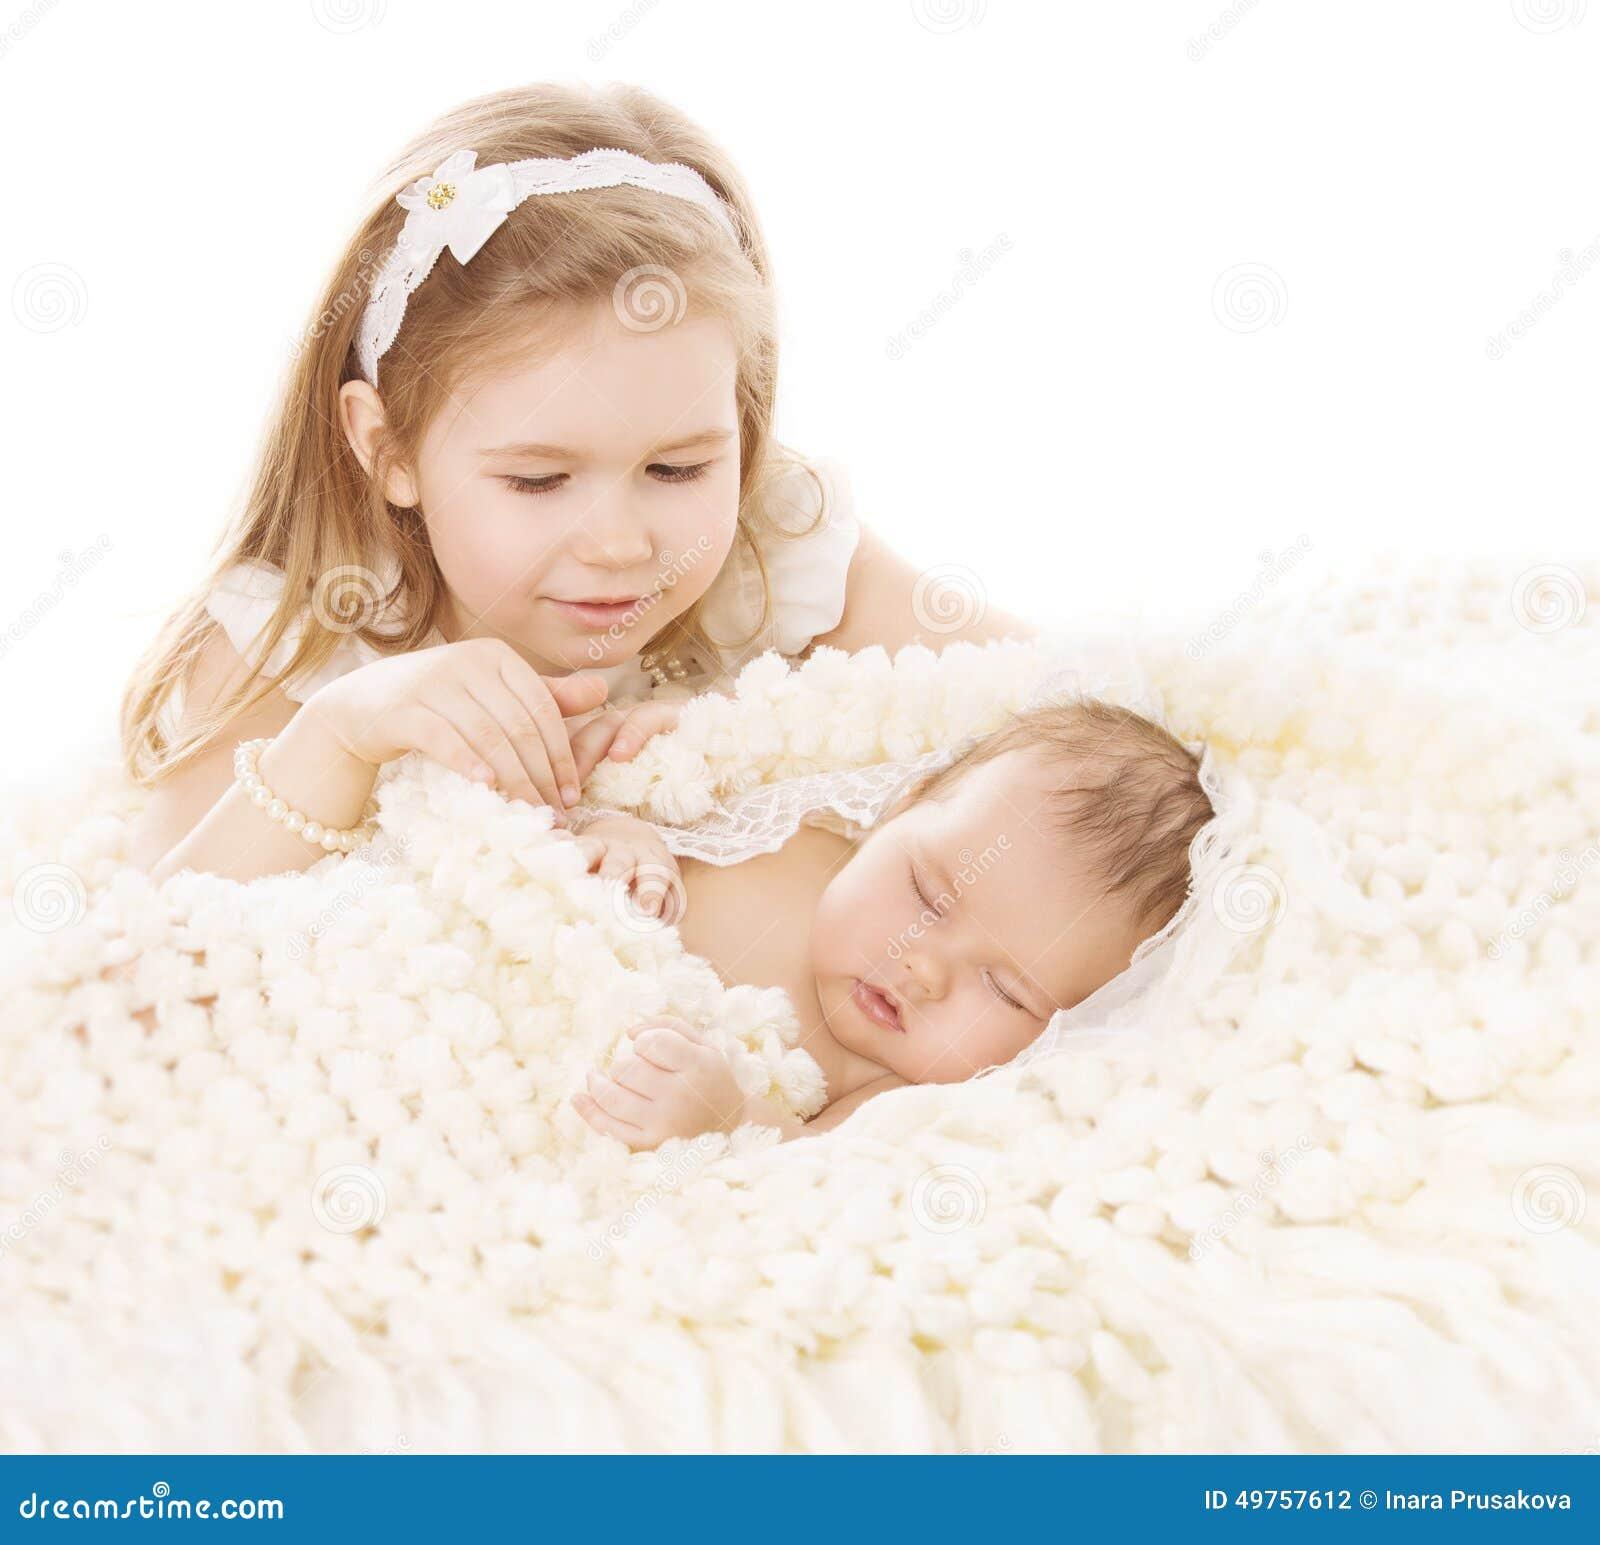 Babymeisje en Pasgeboren Jongen, Zuster Little Child en Slaapbroer New Born Kid, Verjaardag in Familie